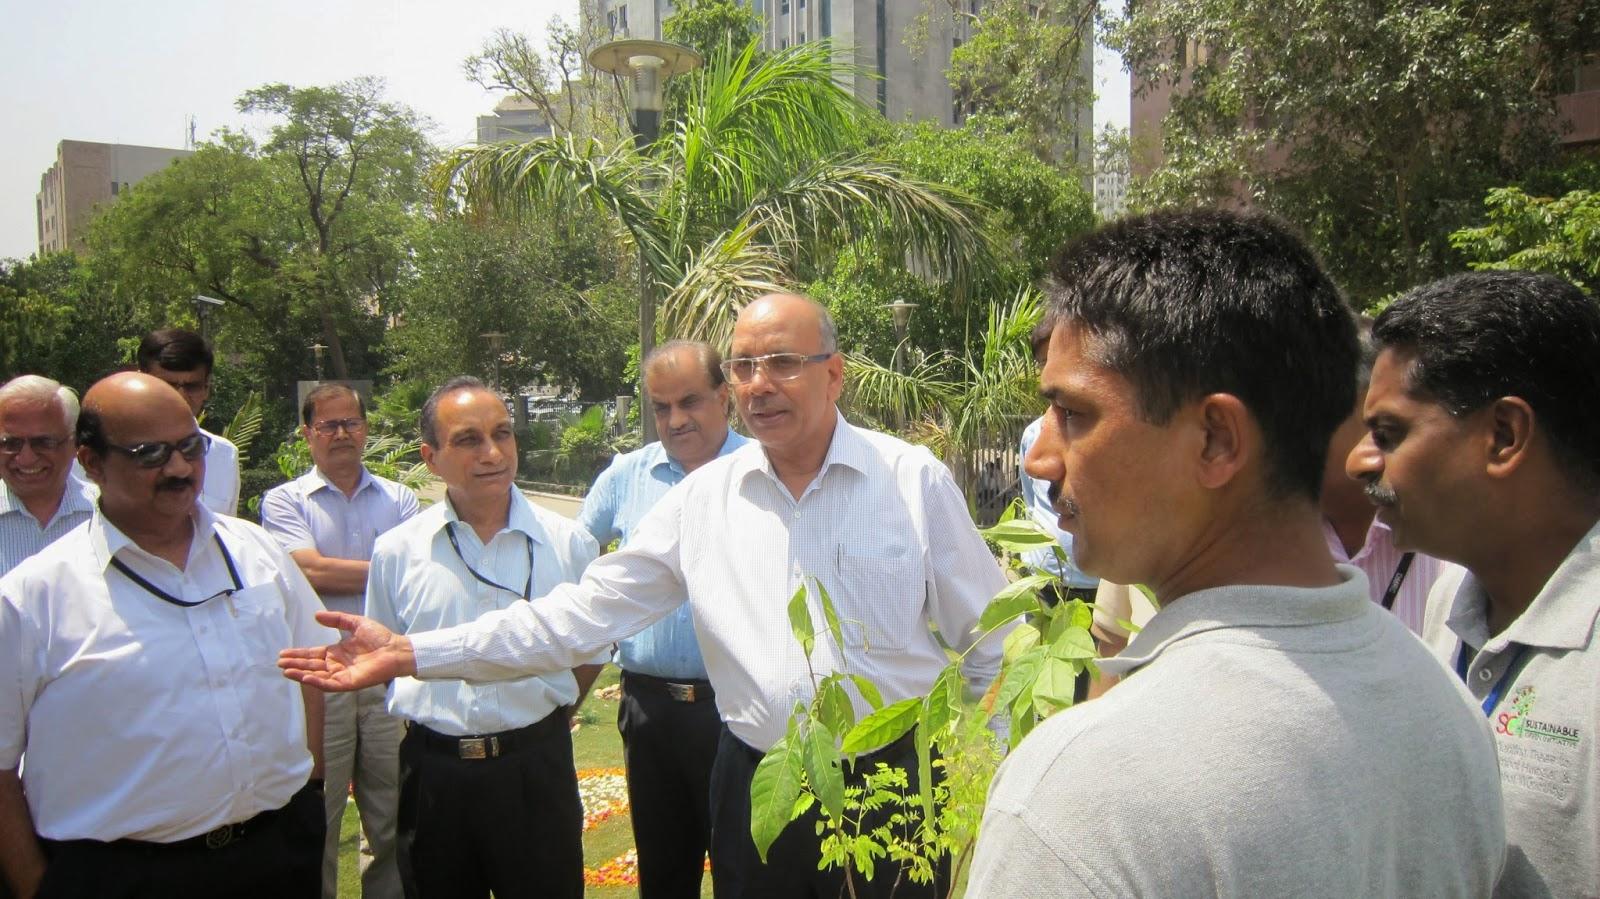 Delhi Metro MD Mangu Singh planting sandal wood trees